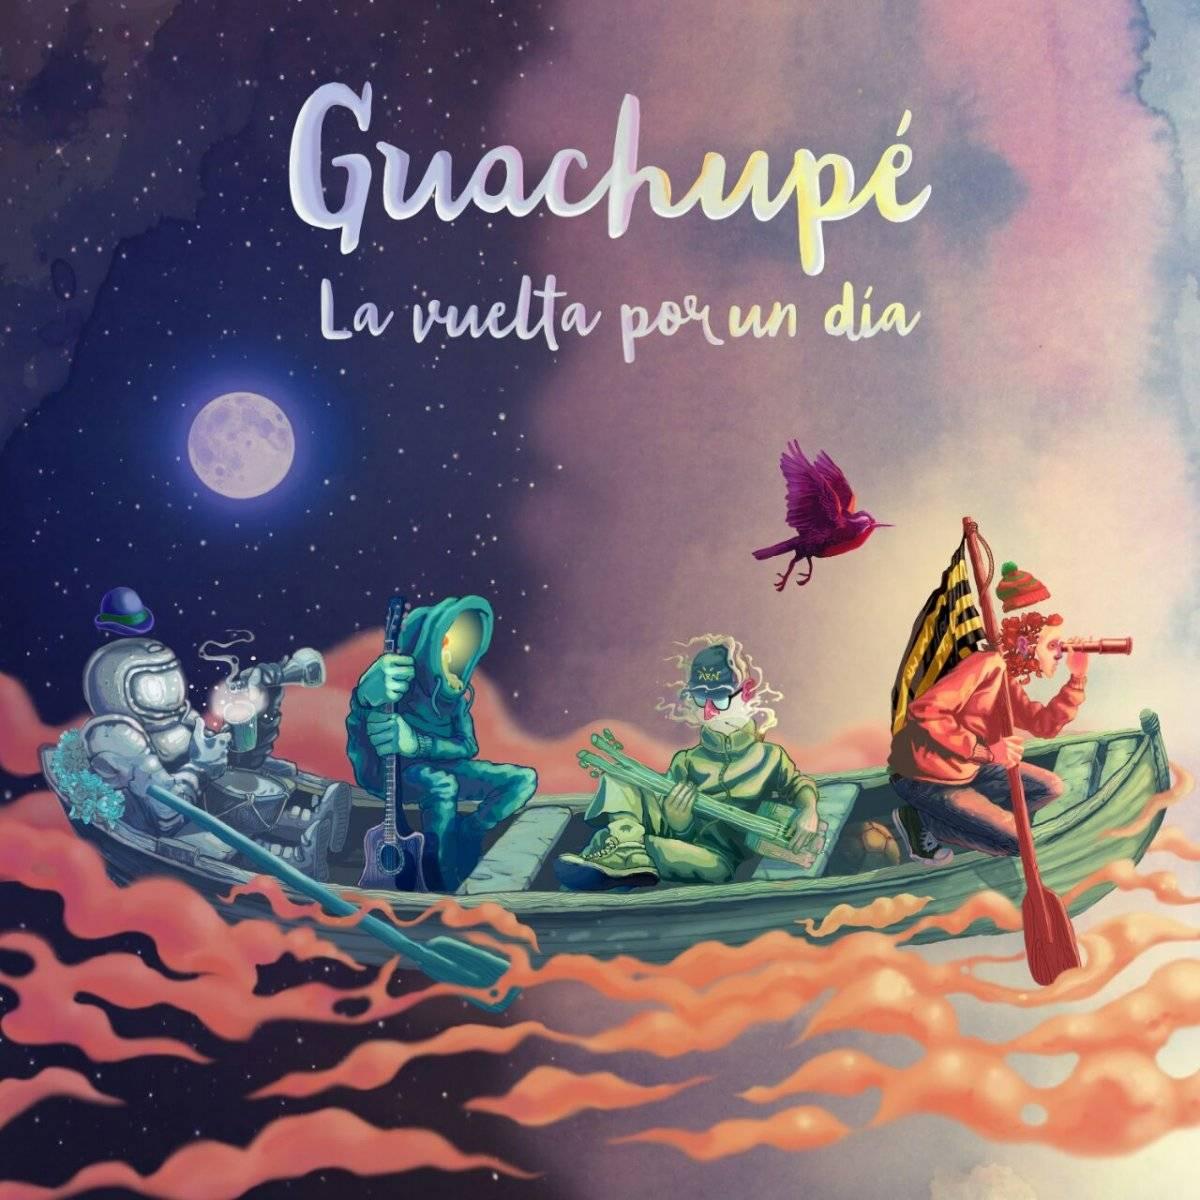 guach